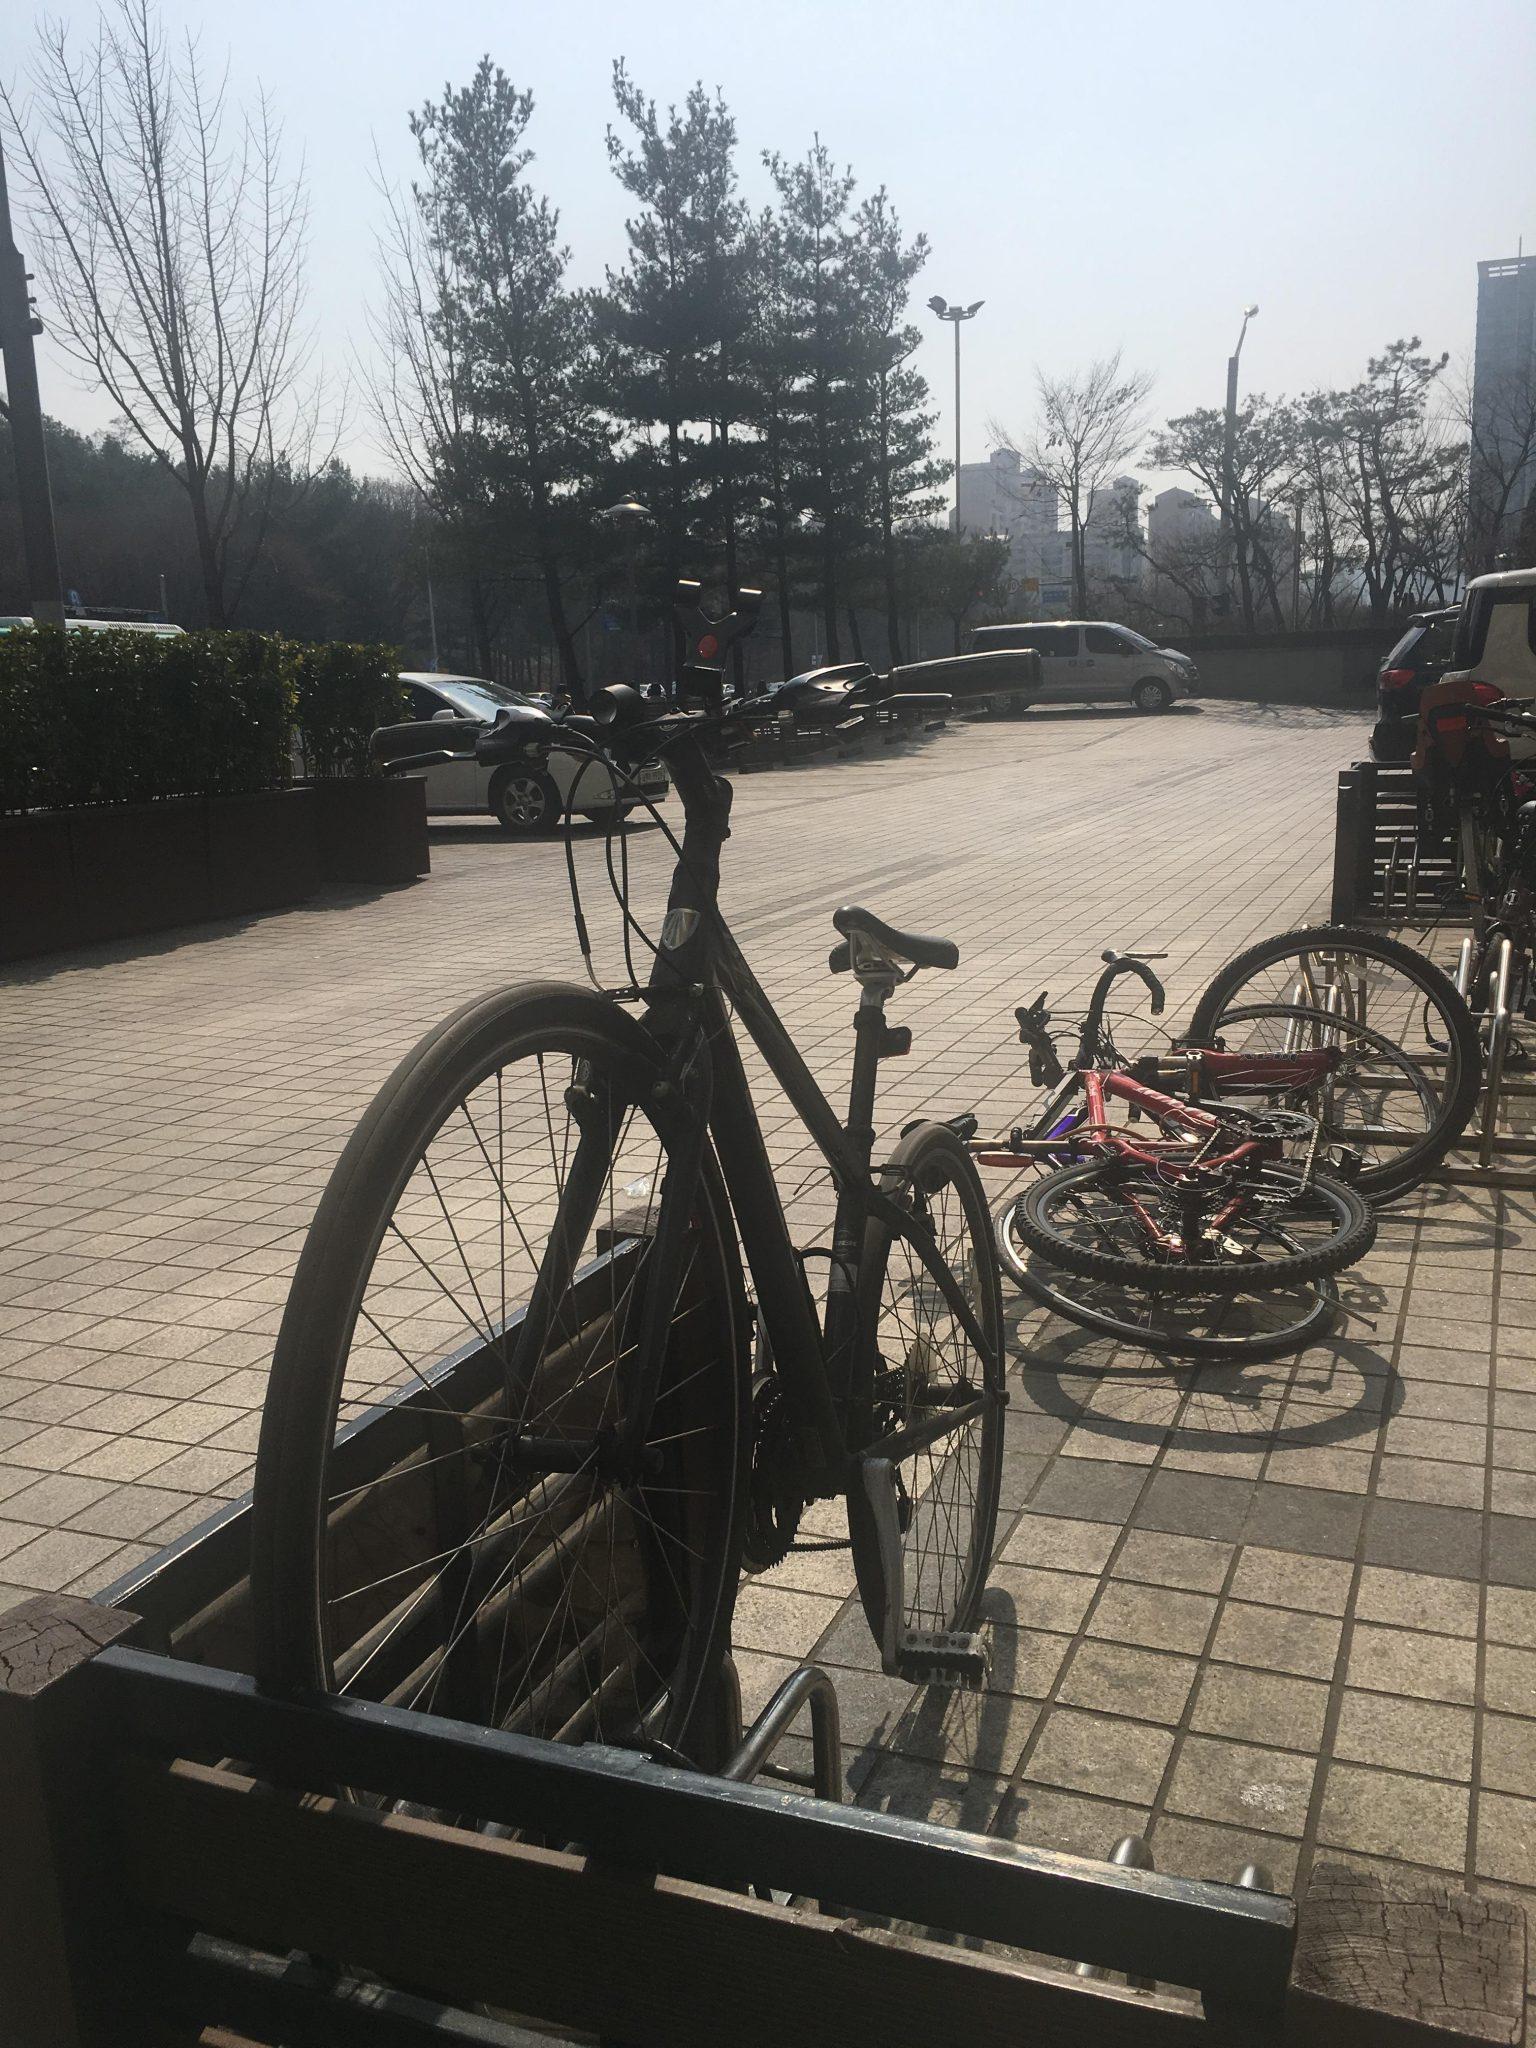 영풍문고 서현점 자전거 주차